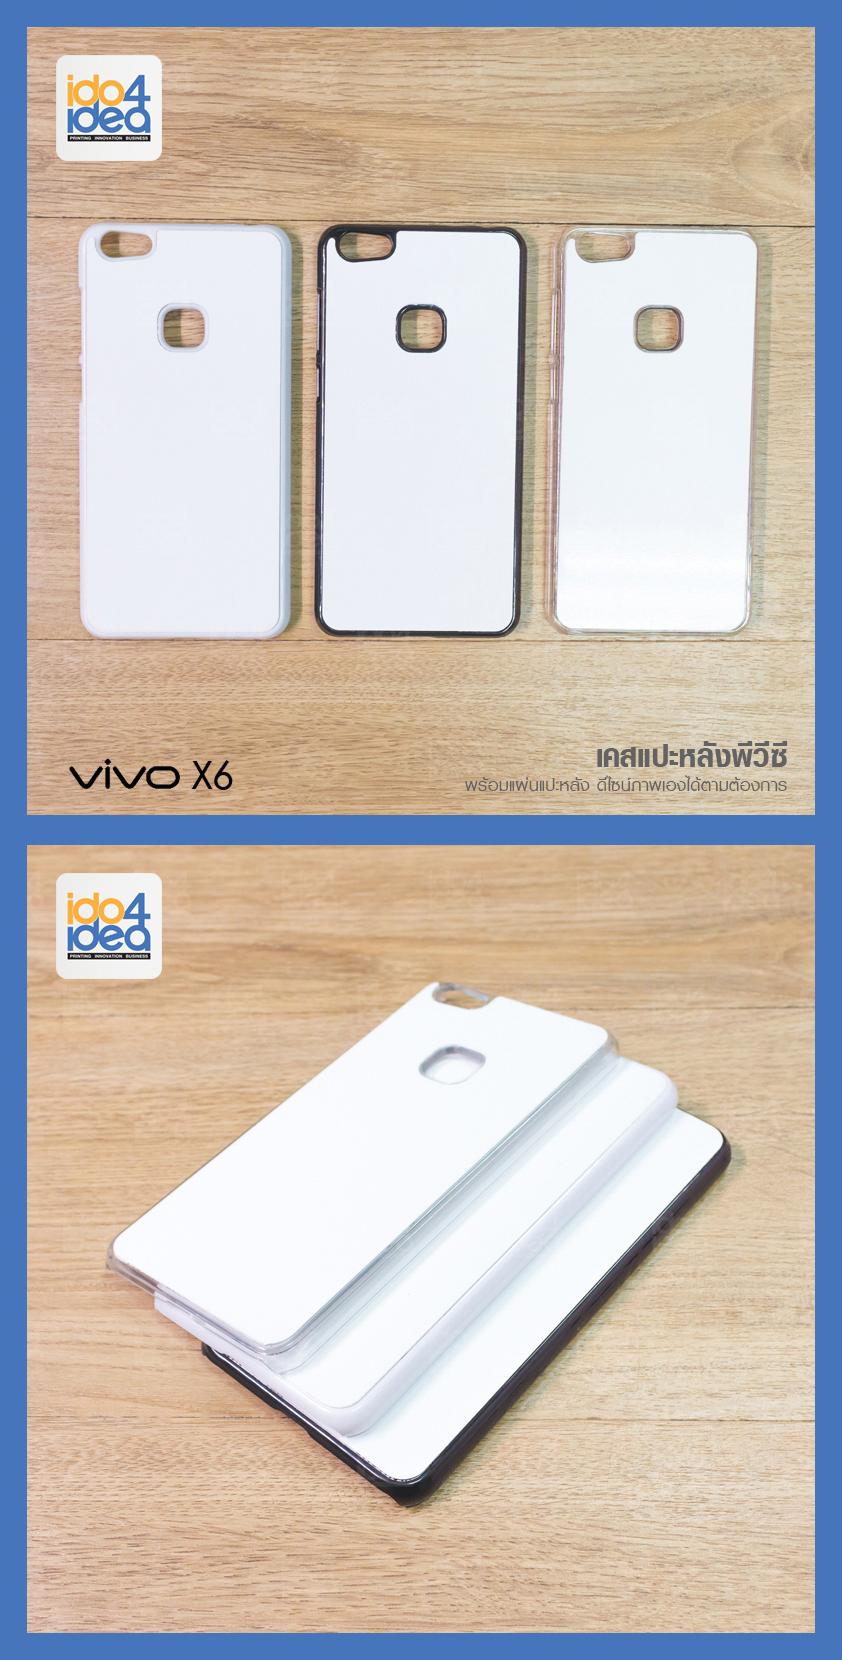 เคสพิมพ์ภาพ VIVO X6 PVC เนื้อมันเงา